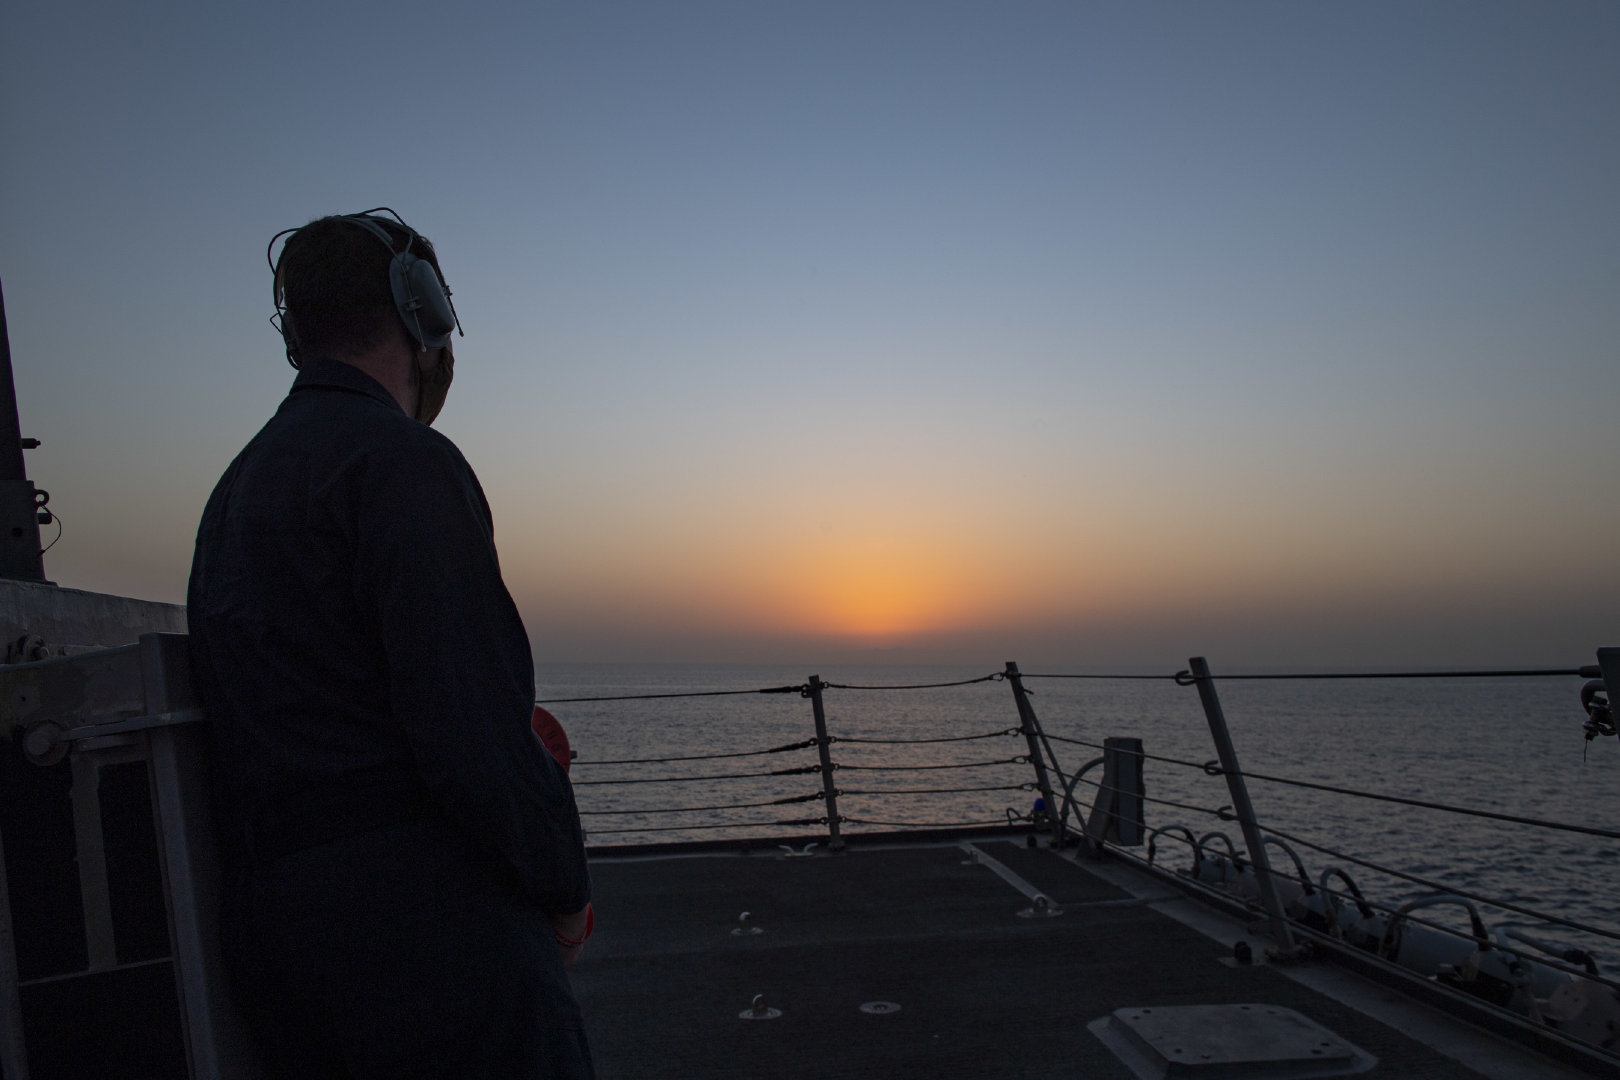 阿曼湾(2020年9月2日)阿利·伯克(Arleigh Burke)级导弹驱逐舰斯特